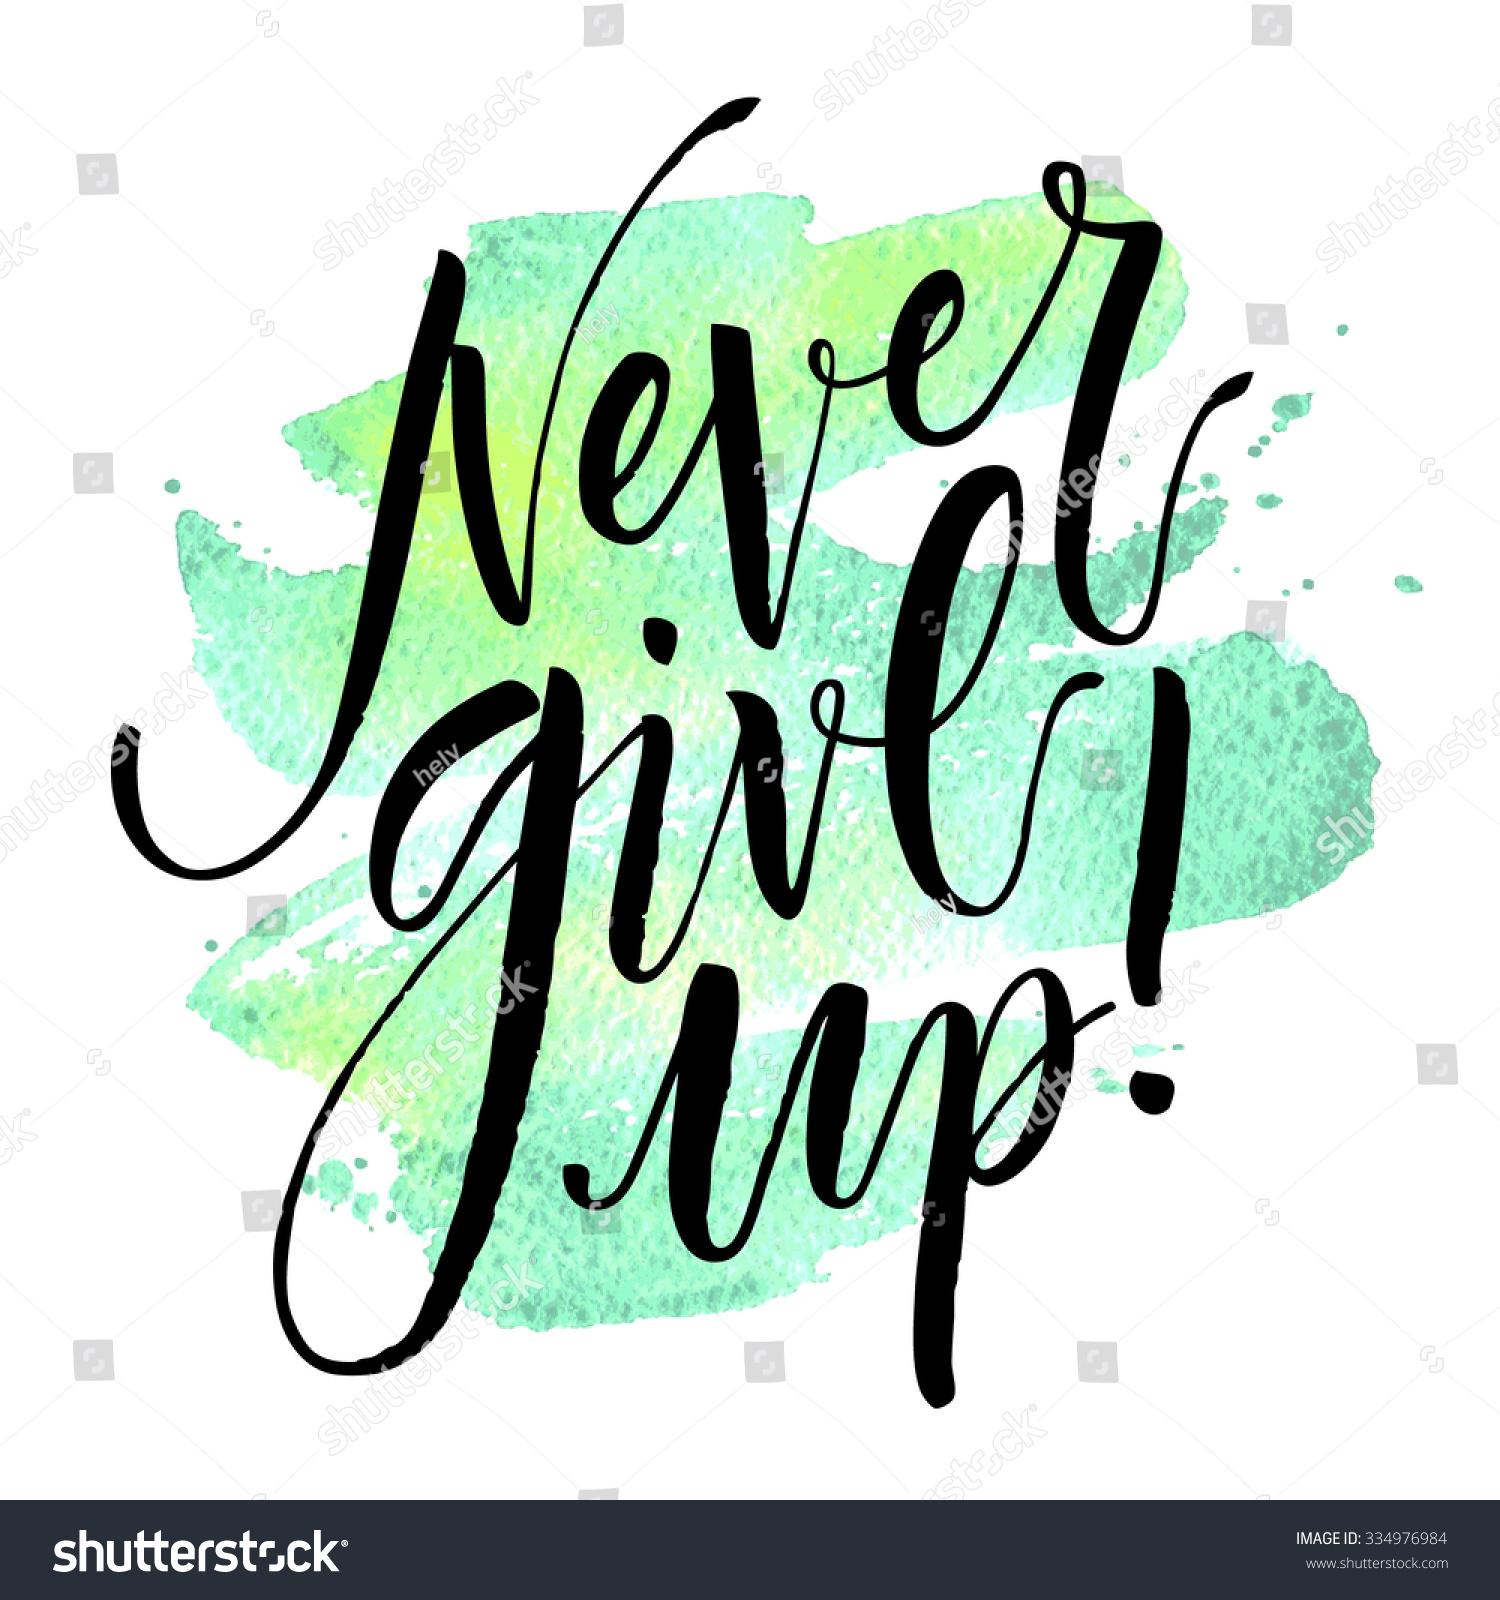 Image result for motivational runner give up